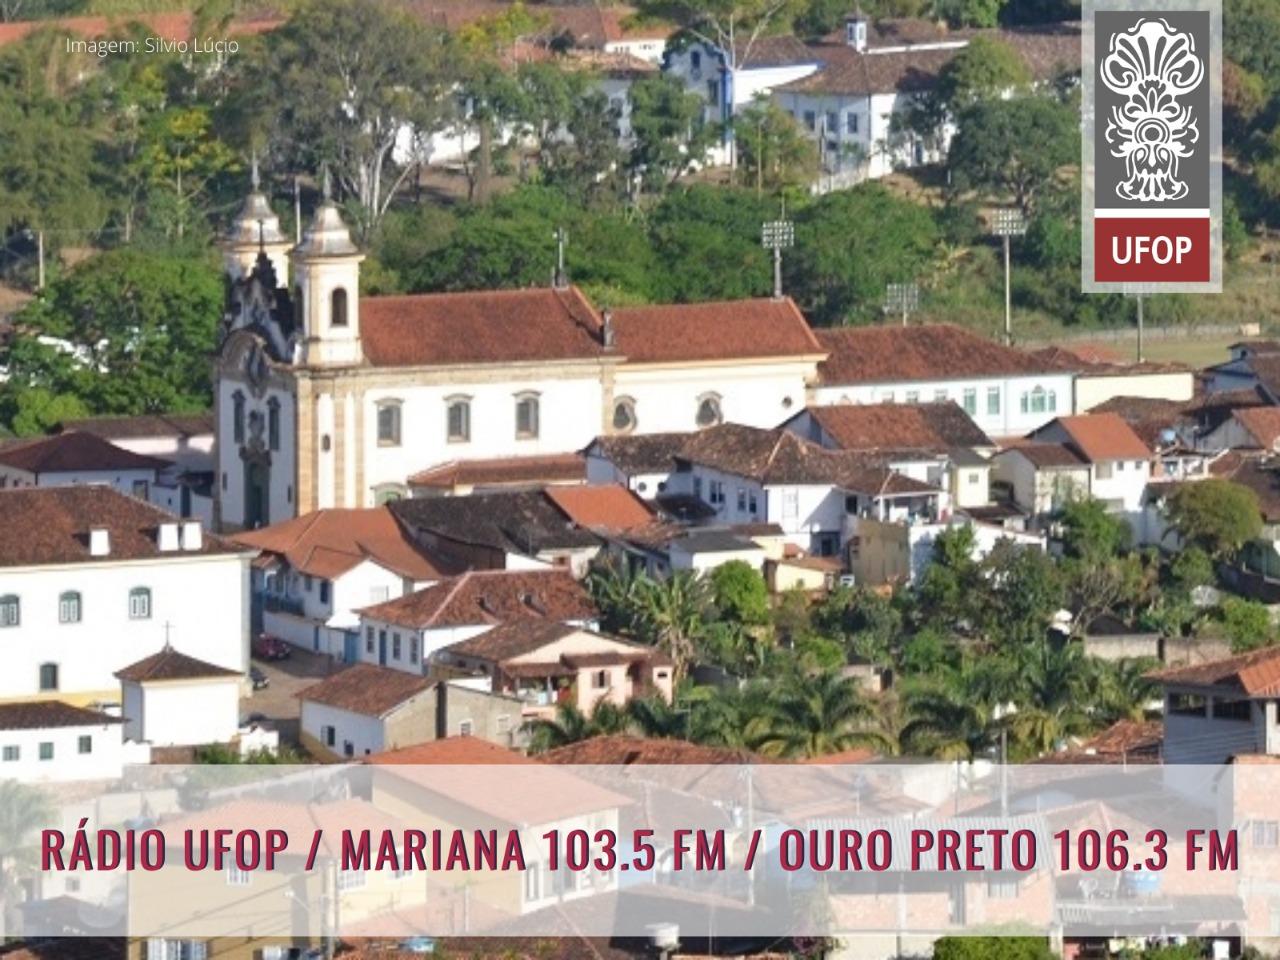 Cidade de Mariana - Estreia da Rádio UFOP